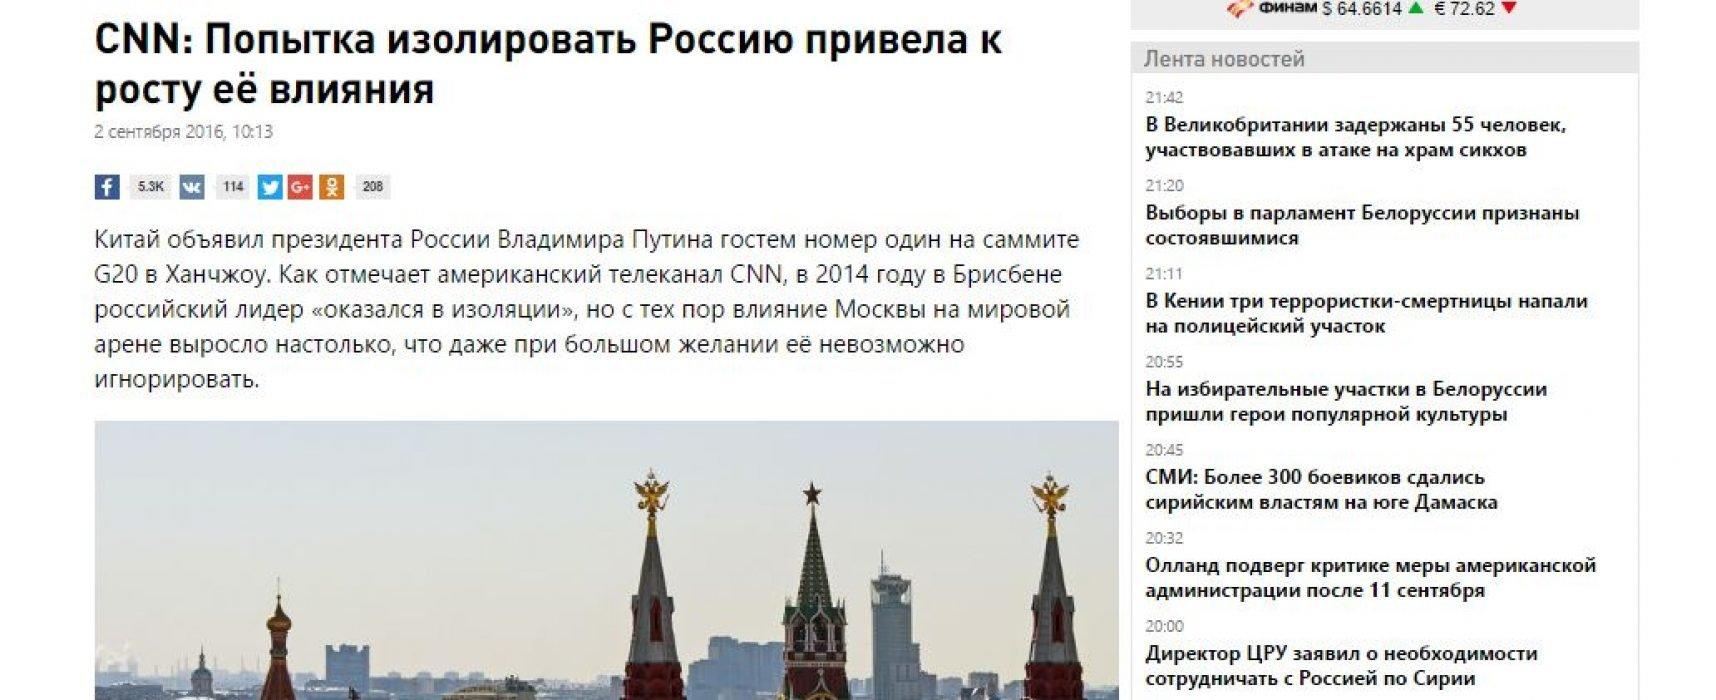 RT исказила сюжет CNN о влиянии России в мире